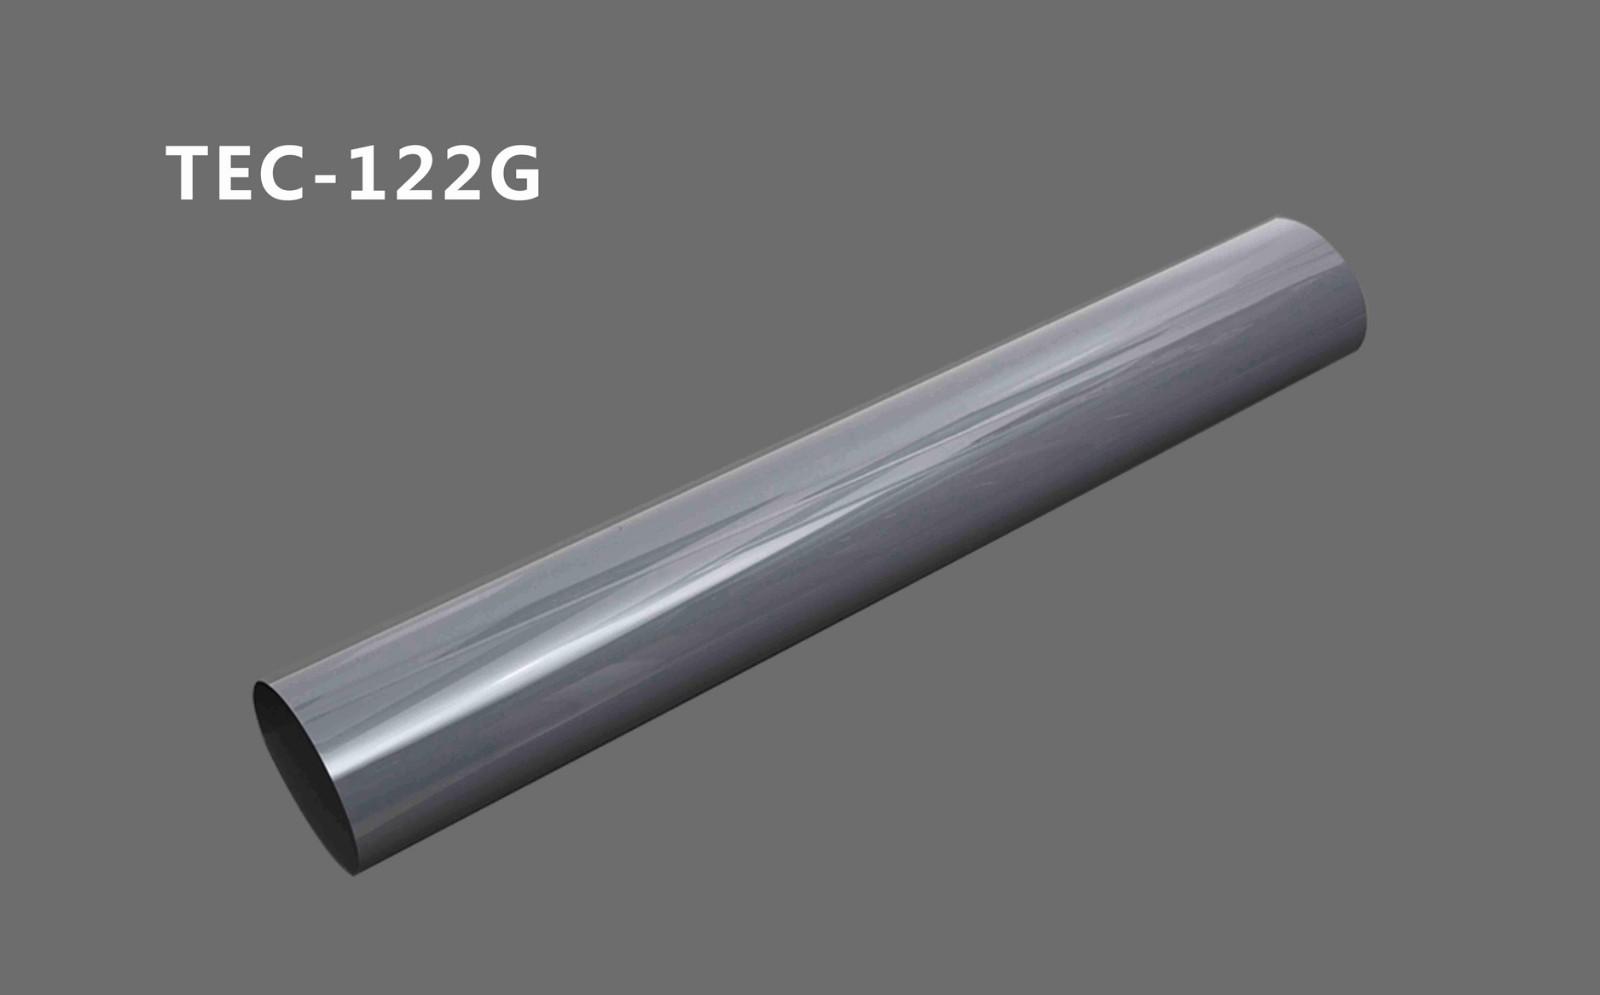 TEC-122G